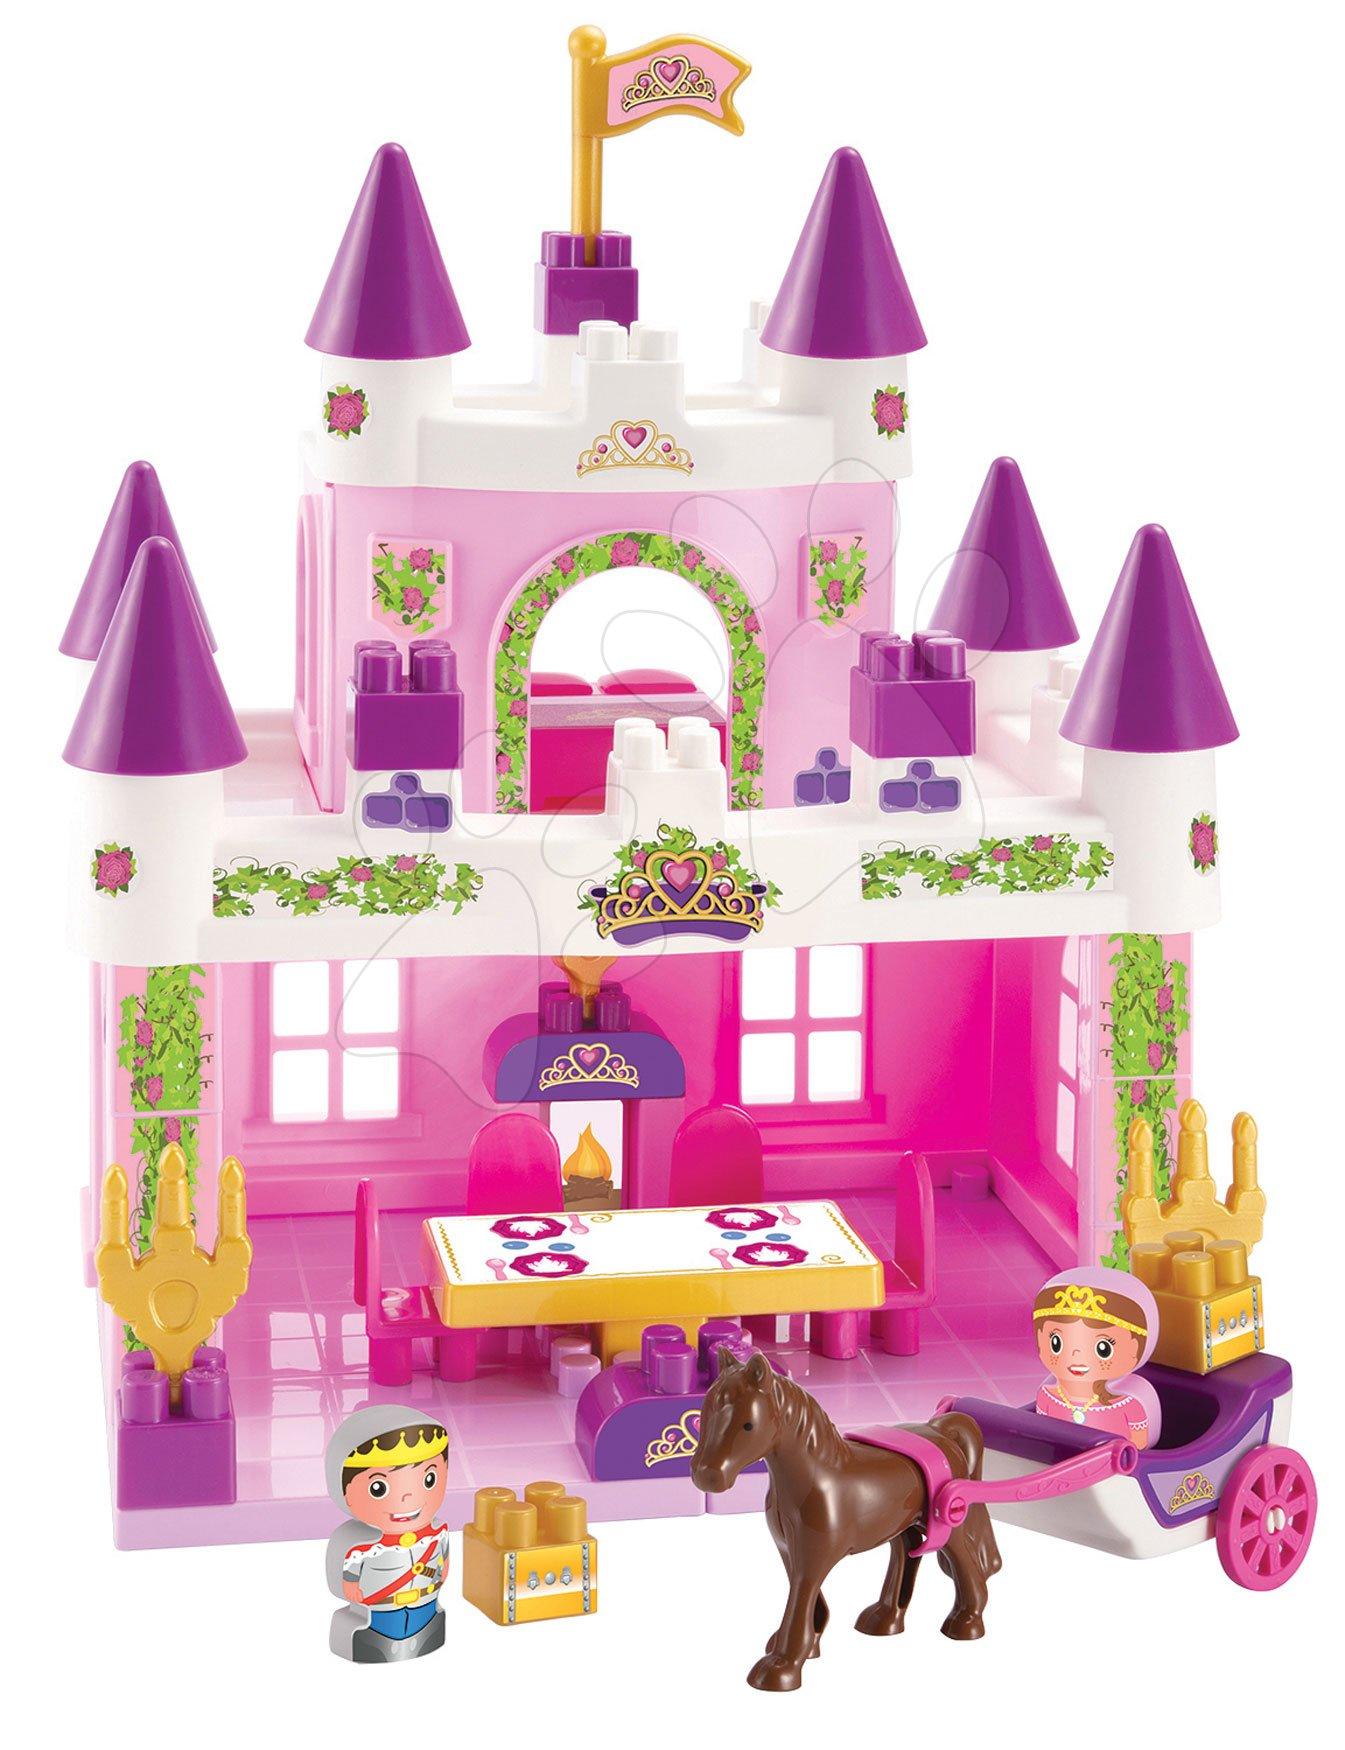 Abrick építőkockák - Építőjáték kastély hercegnővel Abrick Écoiffier és herceggel hintón és bútorok 18 hó-tól